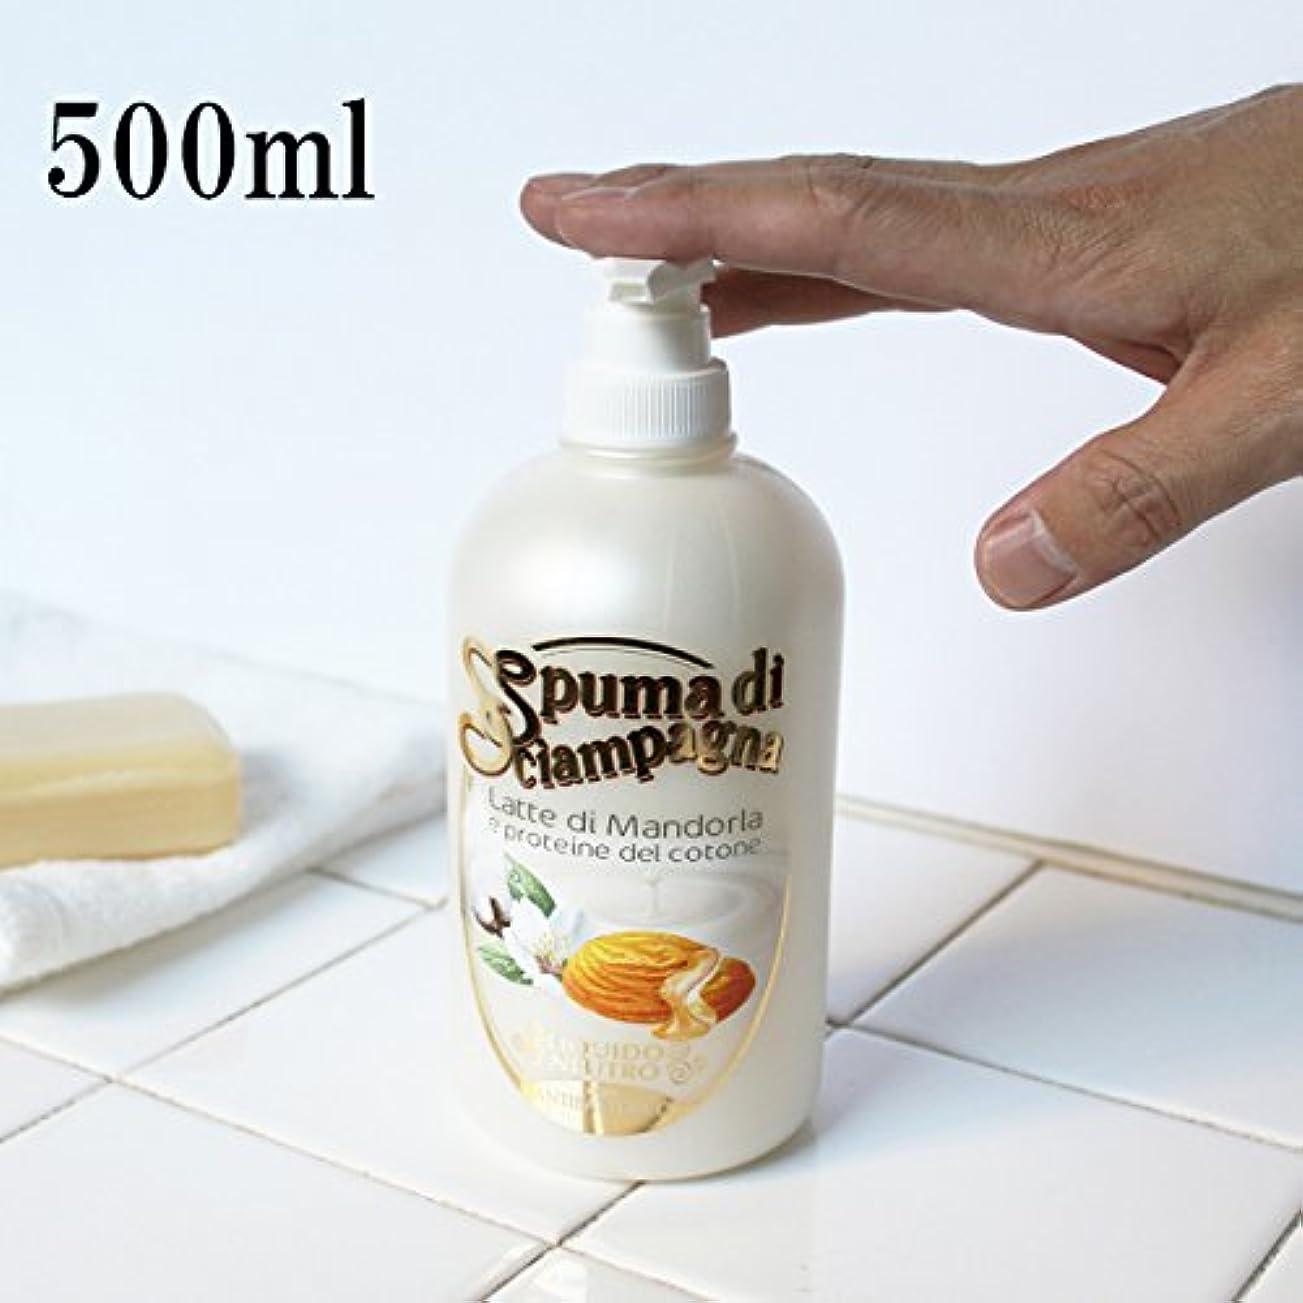 普及嫌悪嫌なSpuma di Sciampagna (スプーマ ディ シャンパーニャ) リキッドソープ 500ml アーモンドの香り